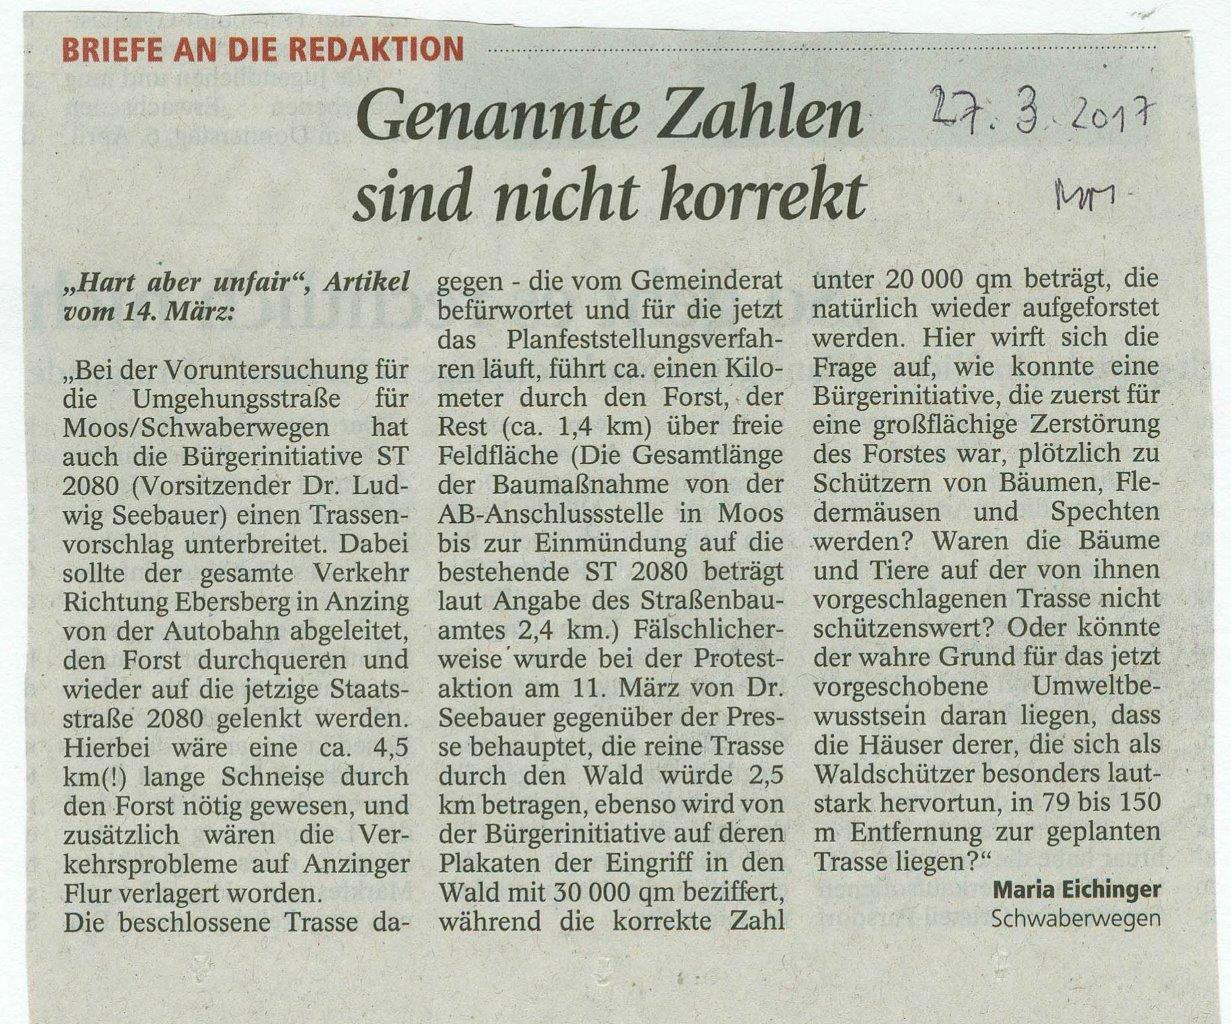 Leserbrief pro Umgehung vom 27-3-2017 Frau Eichinger